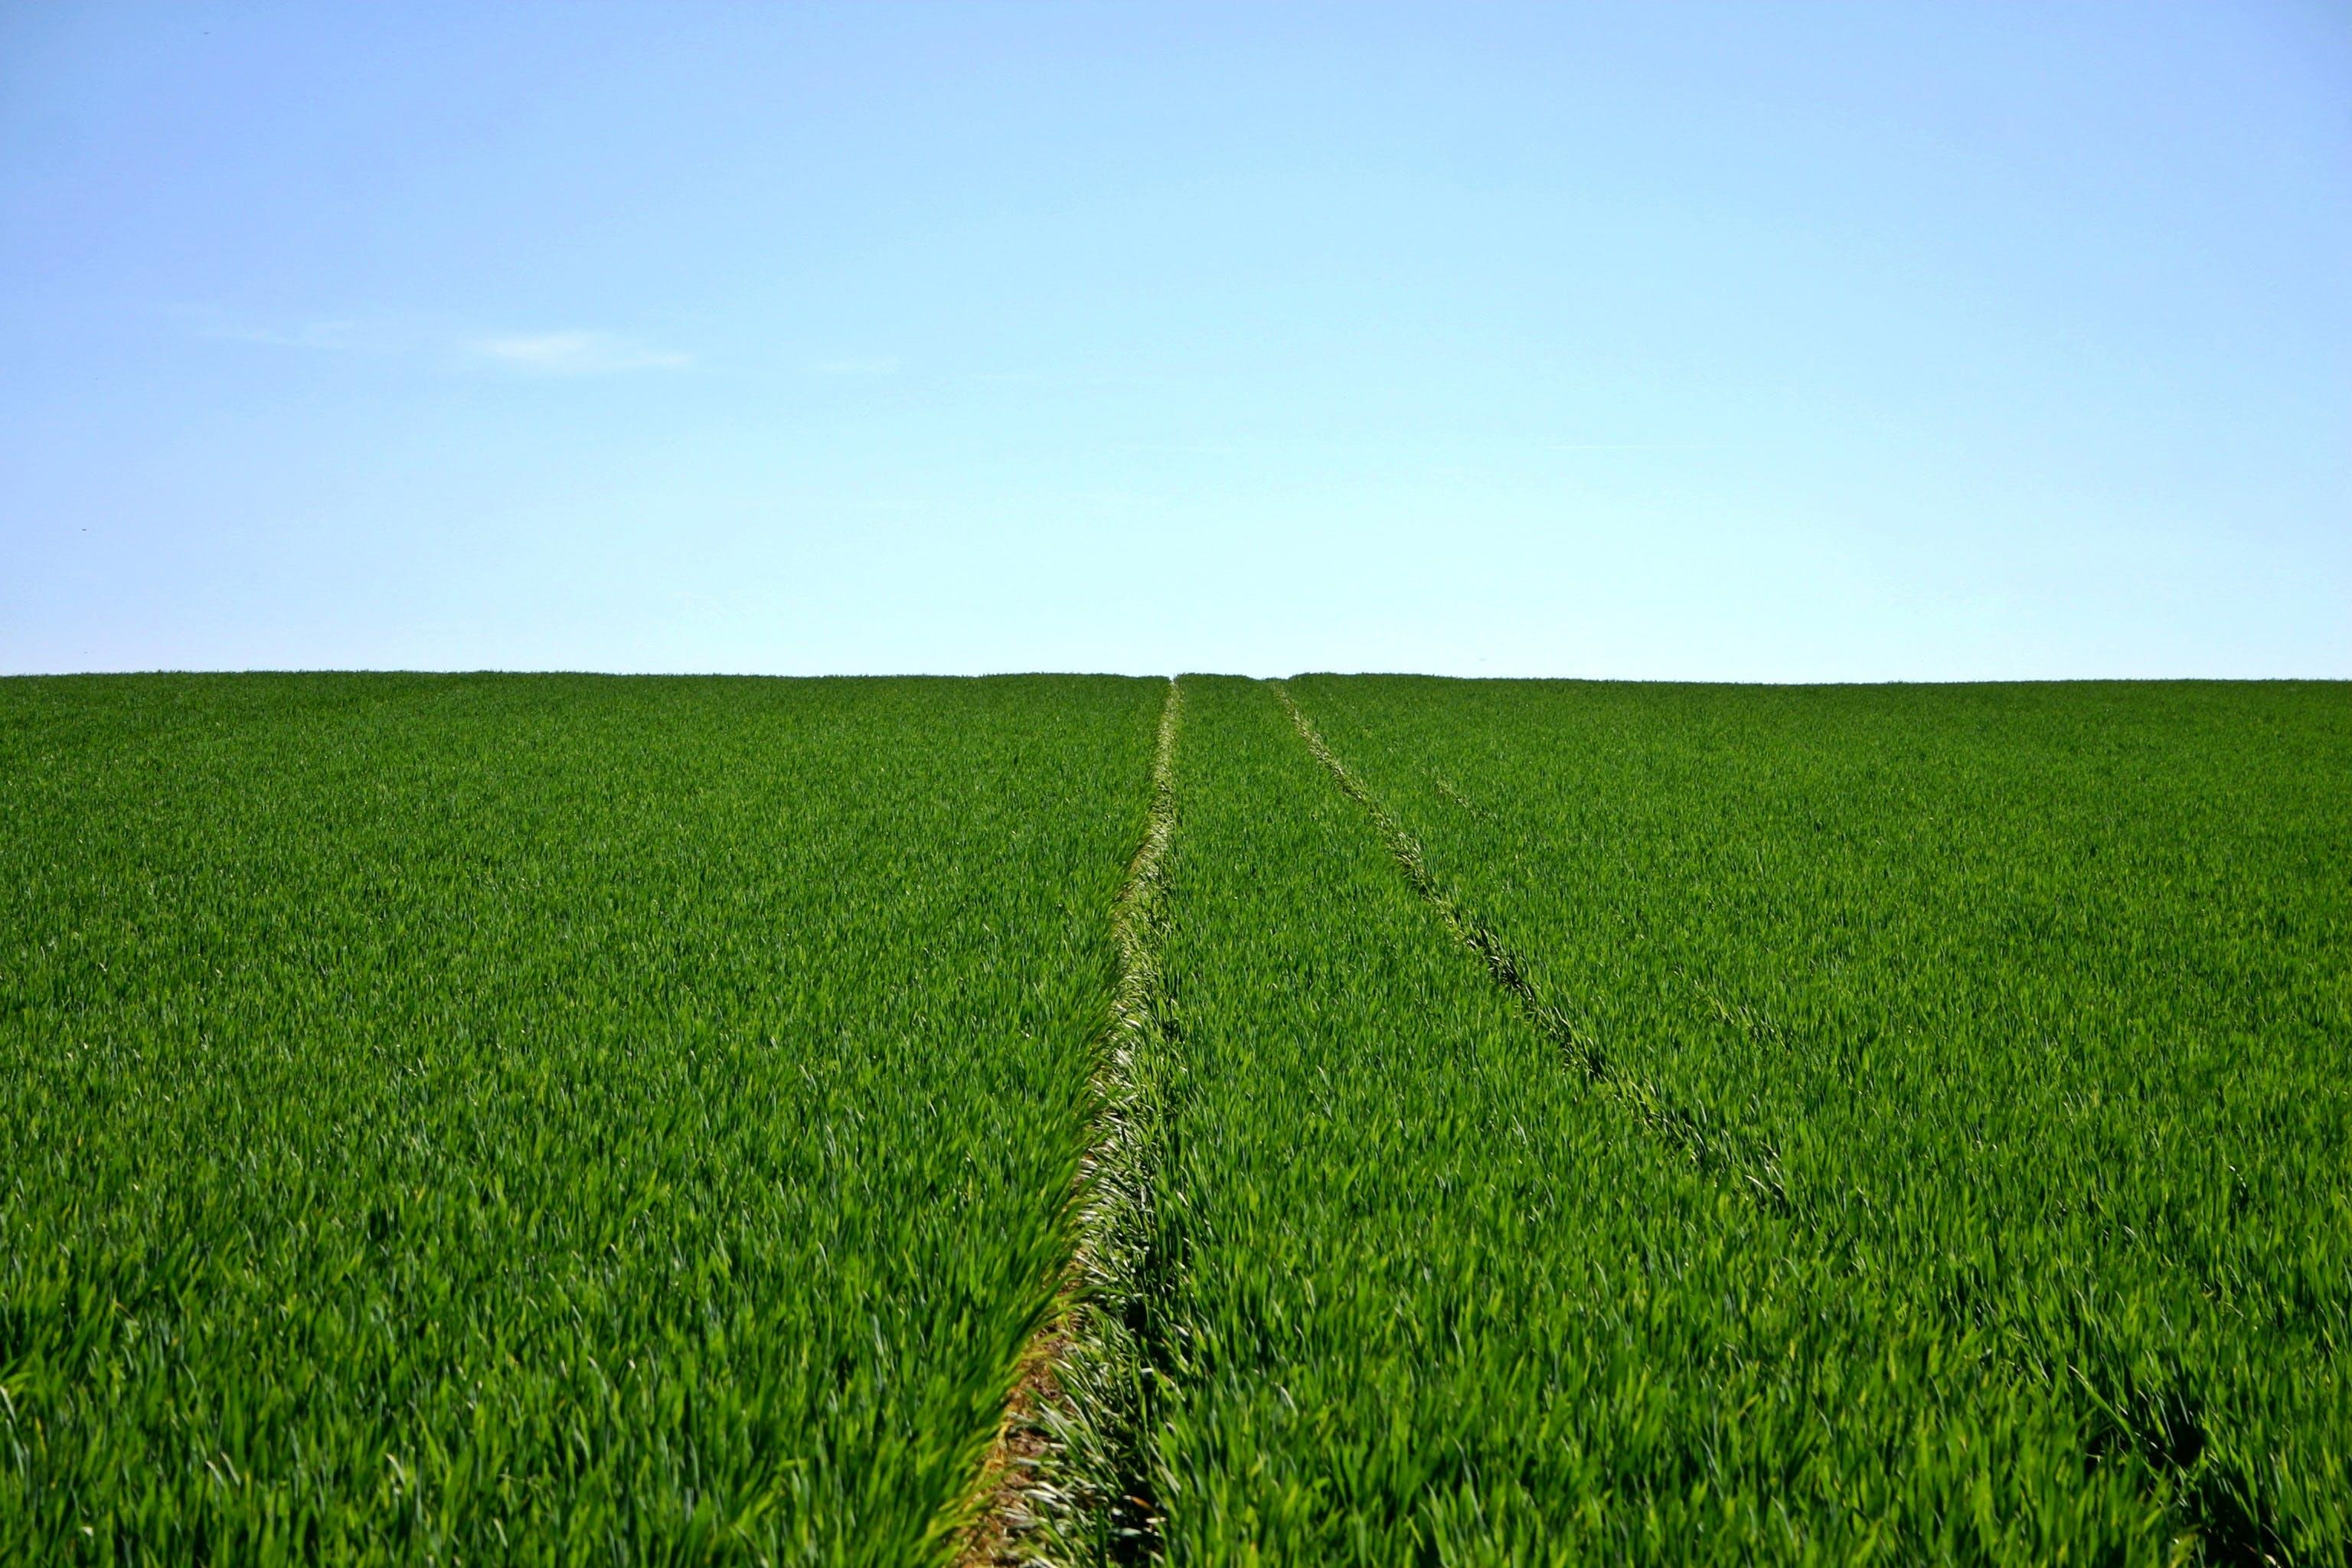 フィールド, 空, 緑, 自然の無料の写真素材